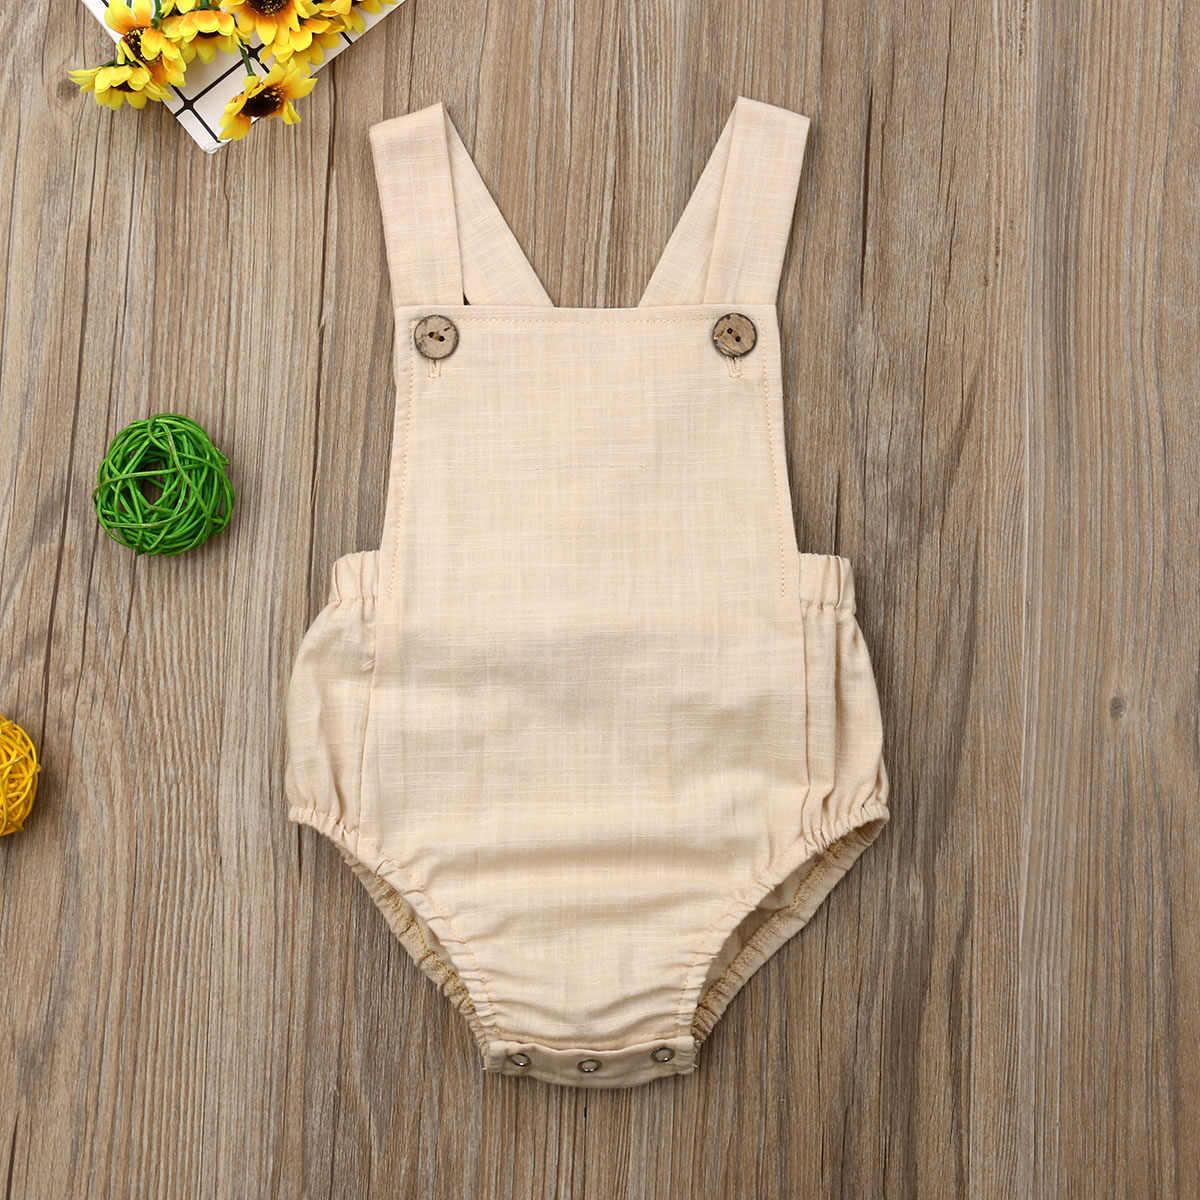 Nuevo 2020 bebé recién nacido bebés niñas mameluco de verano de algodón sin mangas de una pieza de suspensión monos ropa de algodón trajes